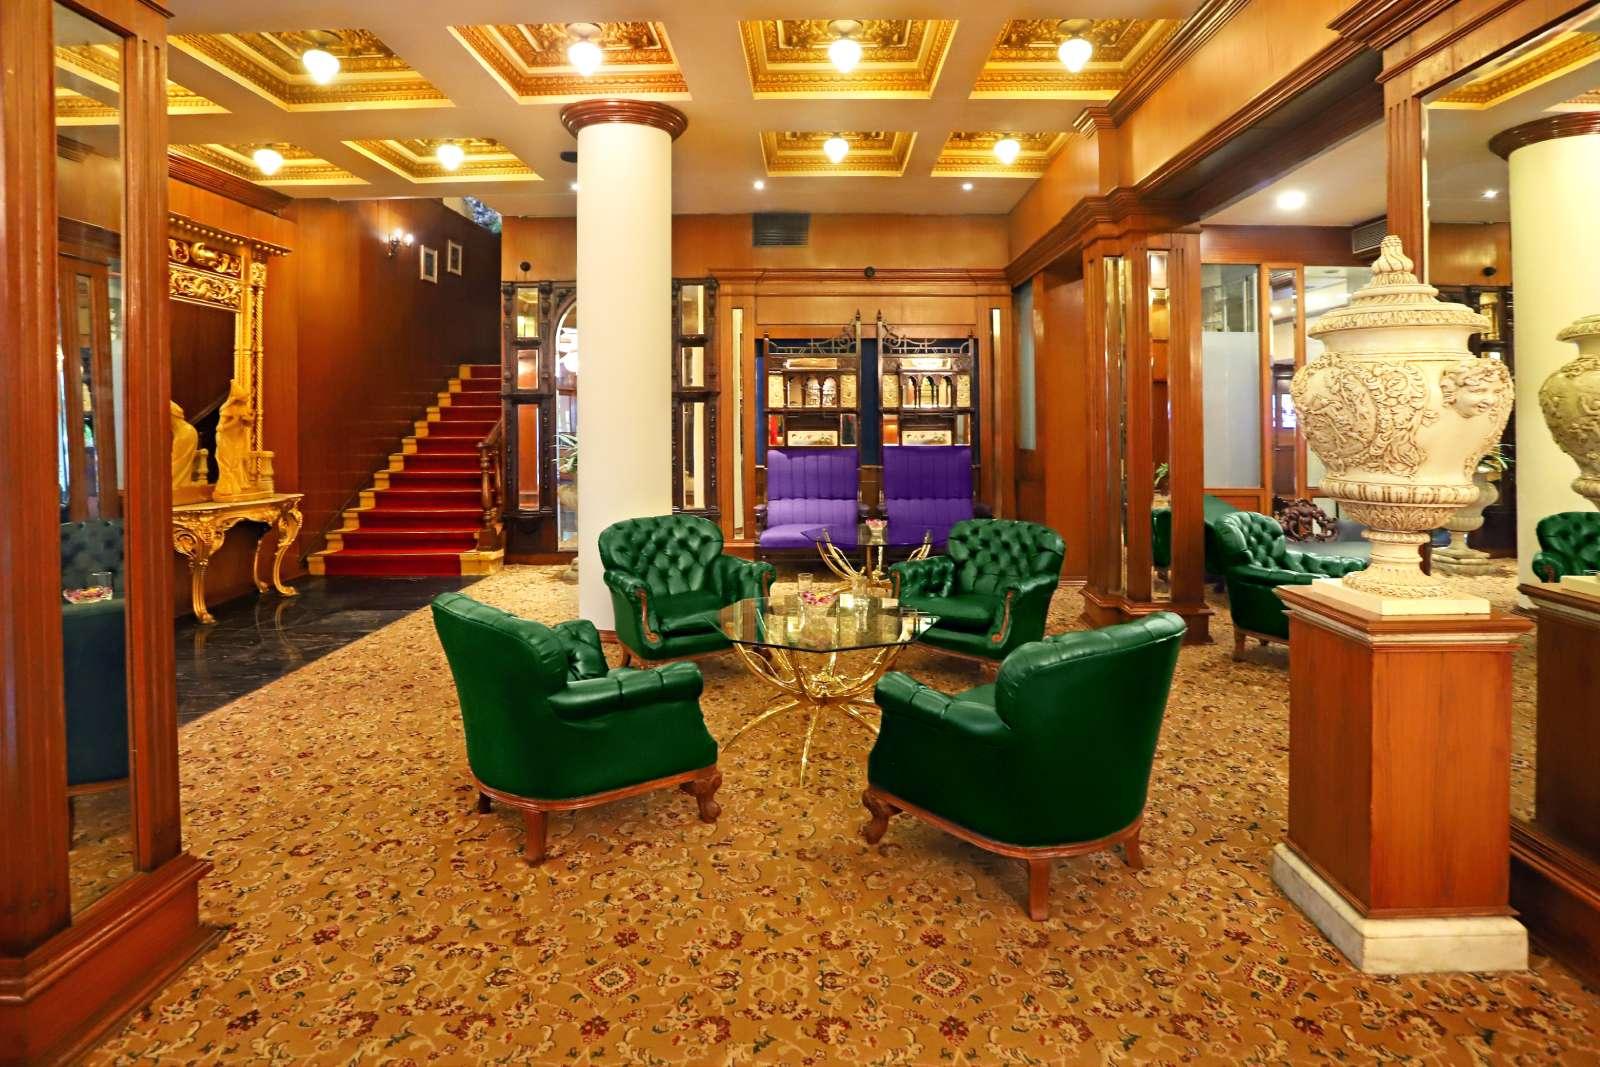 4 Reception - The Ambassador | Heritage Hotels in Mumbai, Aurangabad, Chennai - GDS Codes